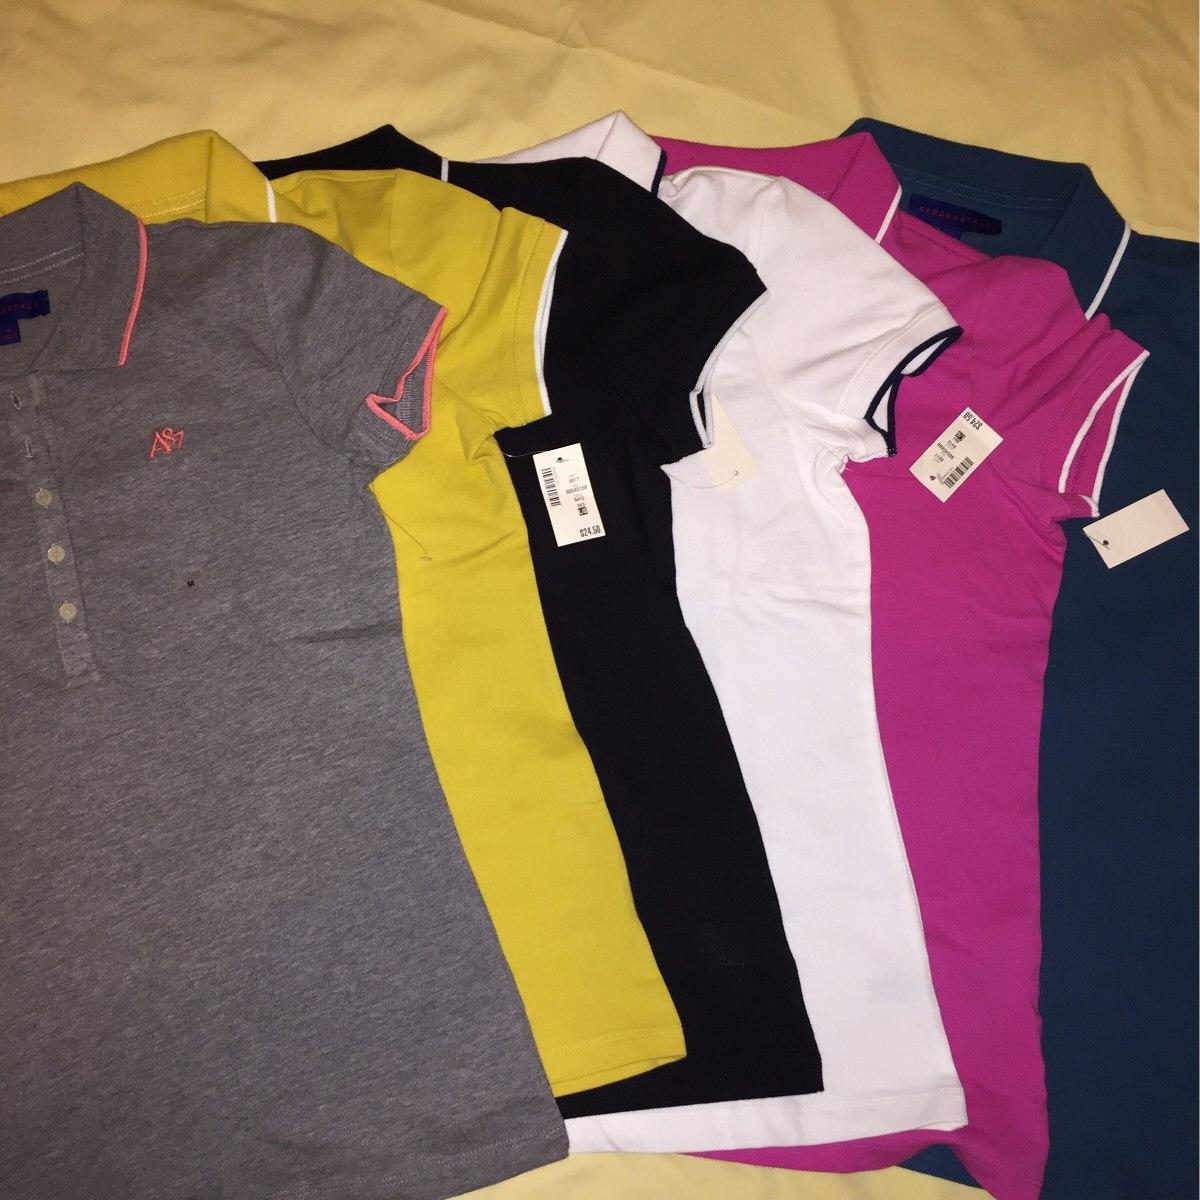 Tipo Cargando Polo Para Dama Zoom Aeropostale Camisetas a8xXw8